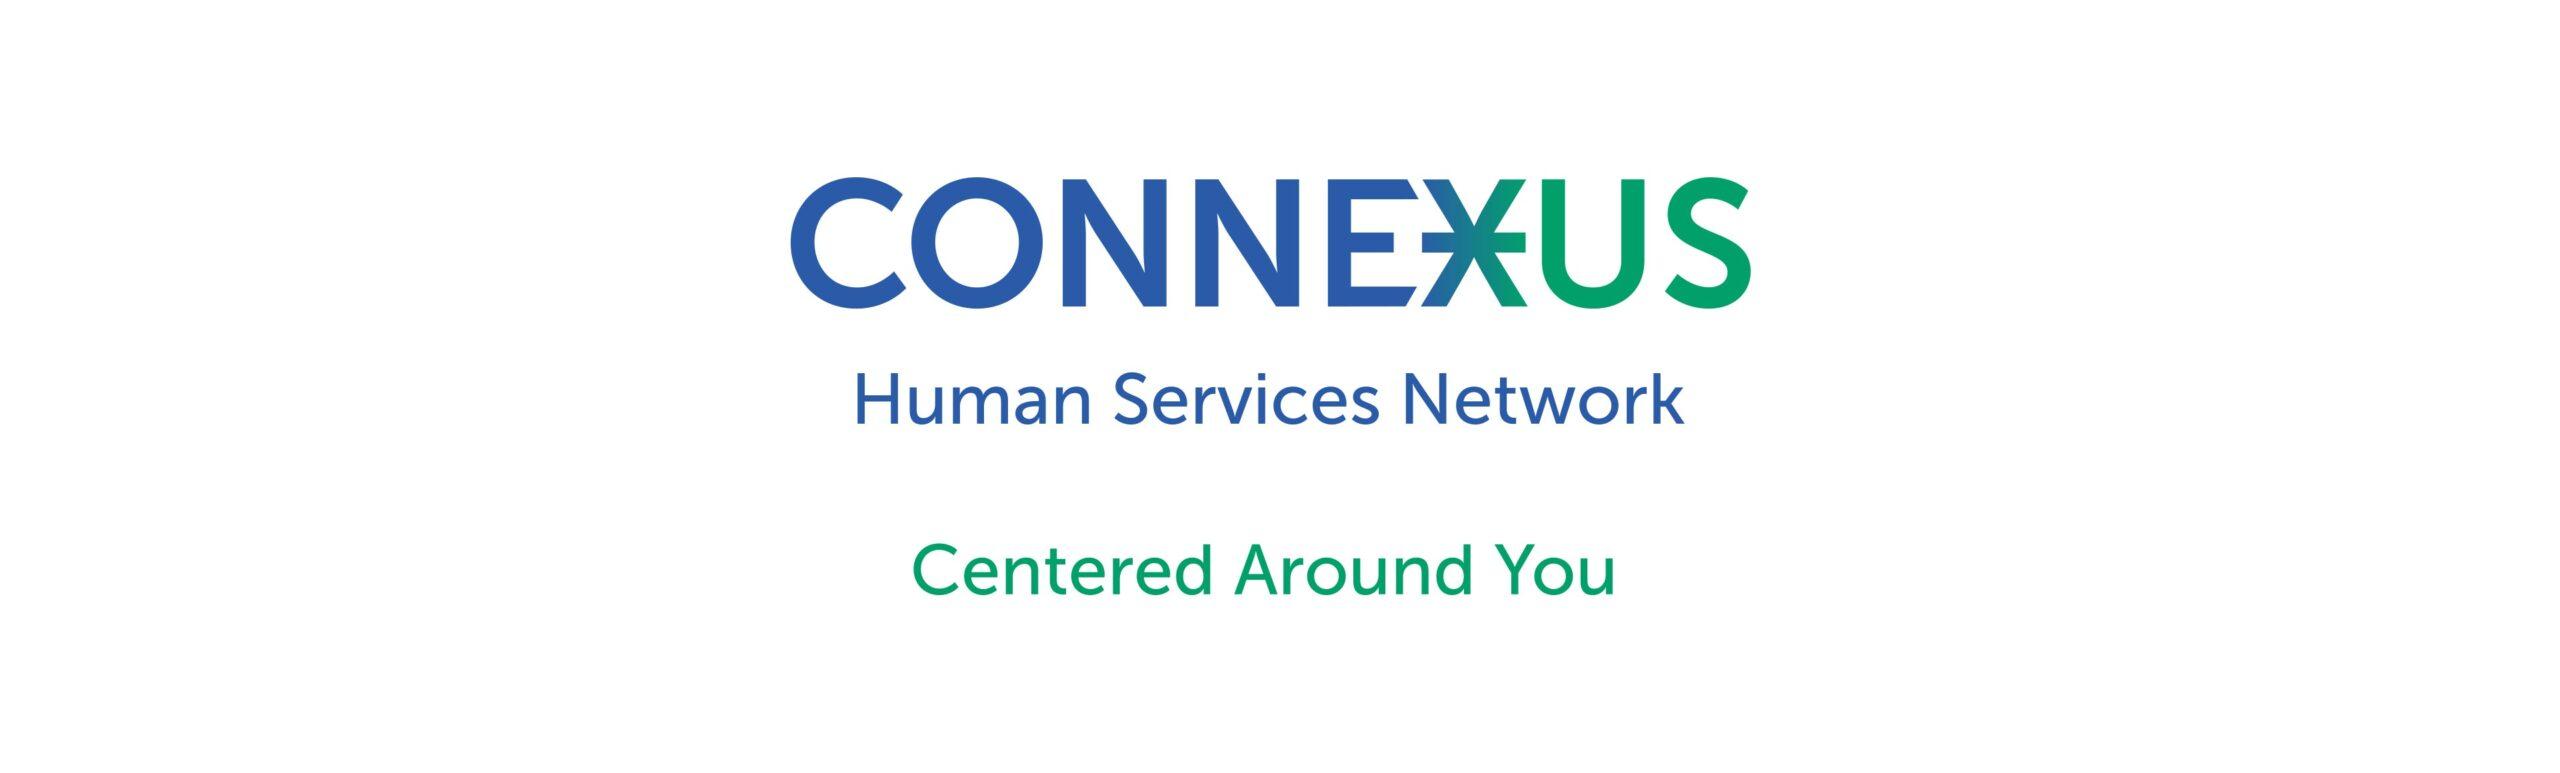 designRoom - Connexus - Hero - 1920 x 580